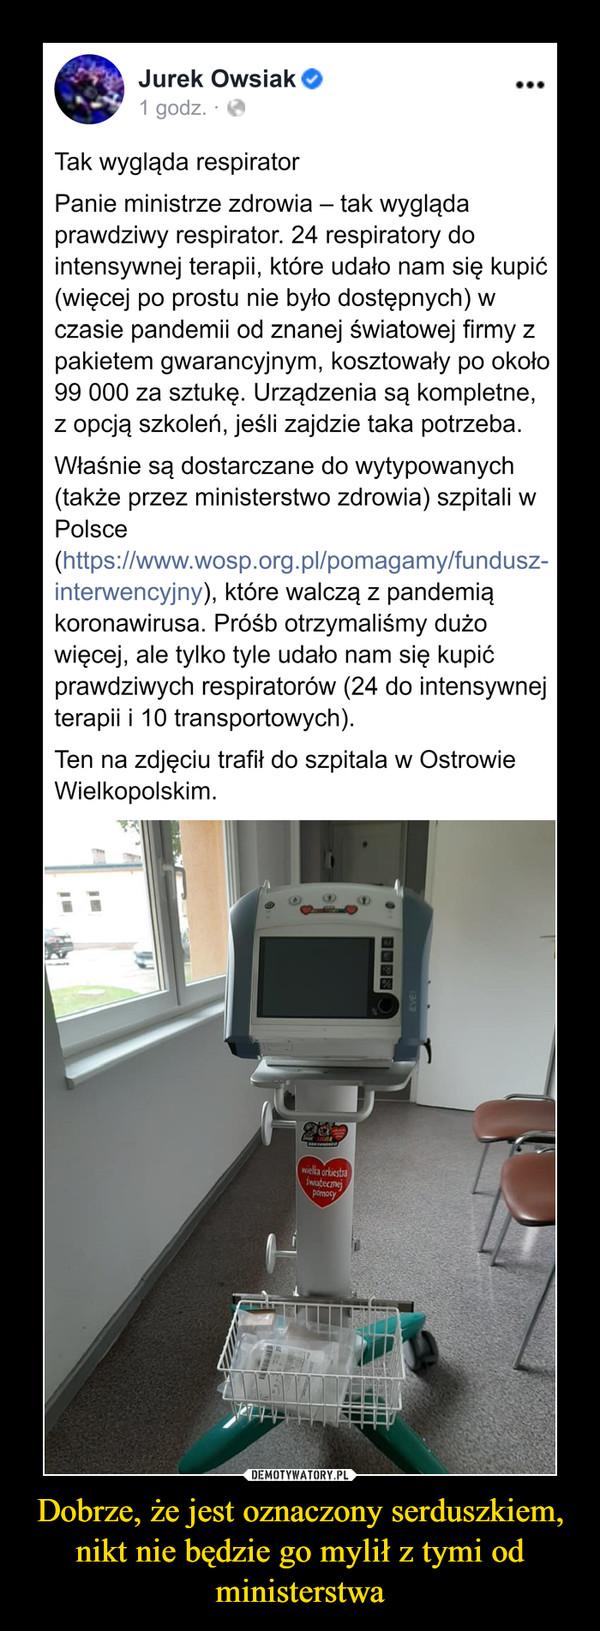 Dobrze, że jest oznaczony serduszkiem, nikt nie będzie go mylił z tymi od ministerstwa –  Jurek Owsiak O1 godz.·Tak wygląda respiratorPanie ministrze zdrowia – tak wyglądaprawdziwy respirator. 24 respiratory dointensywnej terapii, które udało nam się kupić(więcej po prostu nie było dostępnych) wczasie pandemii od znanej światowej firmy zpakietem gwarancyjnym, kosztowały po około99 000 za sztukę. Urządzenia są kompletne,z opcją szkoleń, jeśli zajdzie taka potrzeba.Właśnie są dostarczane do wytypowanych(także przez ministerstwo zdrowia) szpitali wPolsce(https://www.wosp.org.pl/pomagamy/fundusz-interwencyjny), które walczą z pandemiąkoronawirusa. Próśb otrzymaliśmy dużowięcej, ale tylko tyle udało nam się kupićprawdziwych respiratorów (24 do intensywnejterapii i 10 transportowych).Ten na zdjęciu trafił do szpitala w OstrowieWielkopolskim.wiella orkiestraŚwiatecznejpomocyEVE